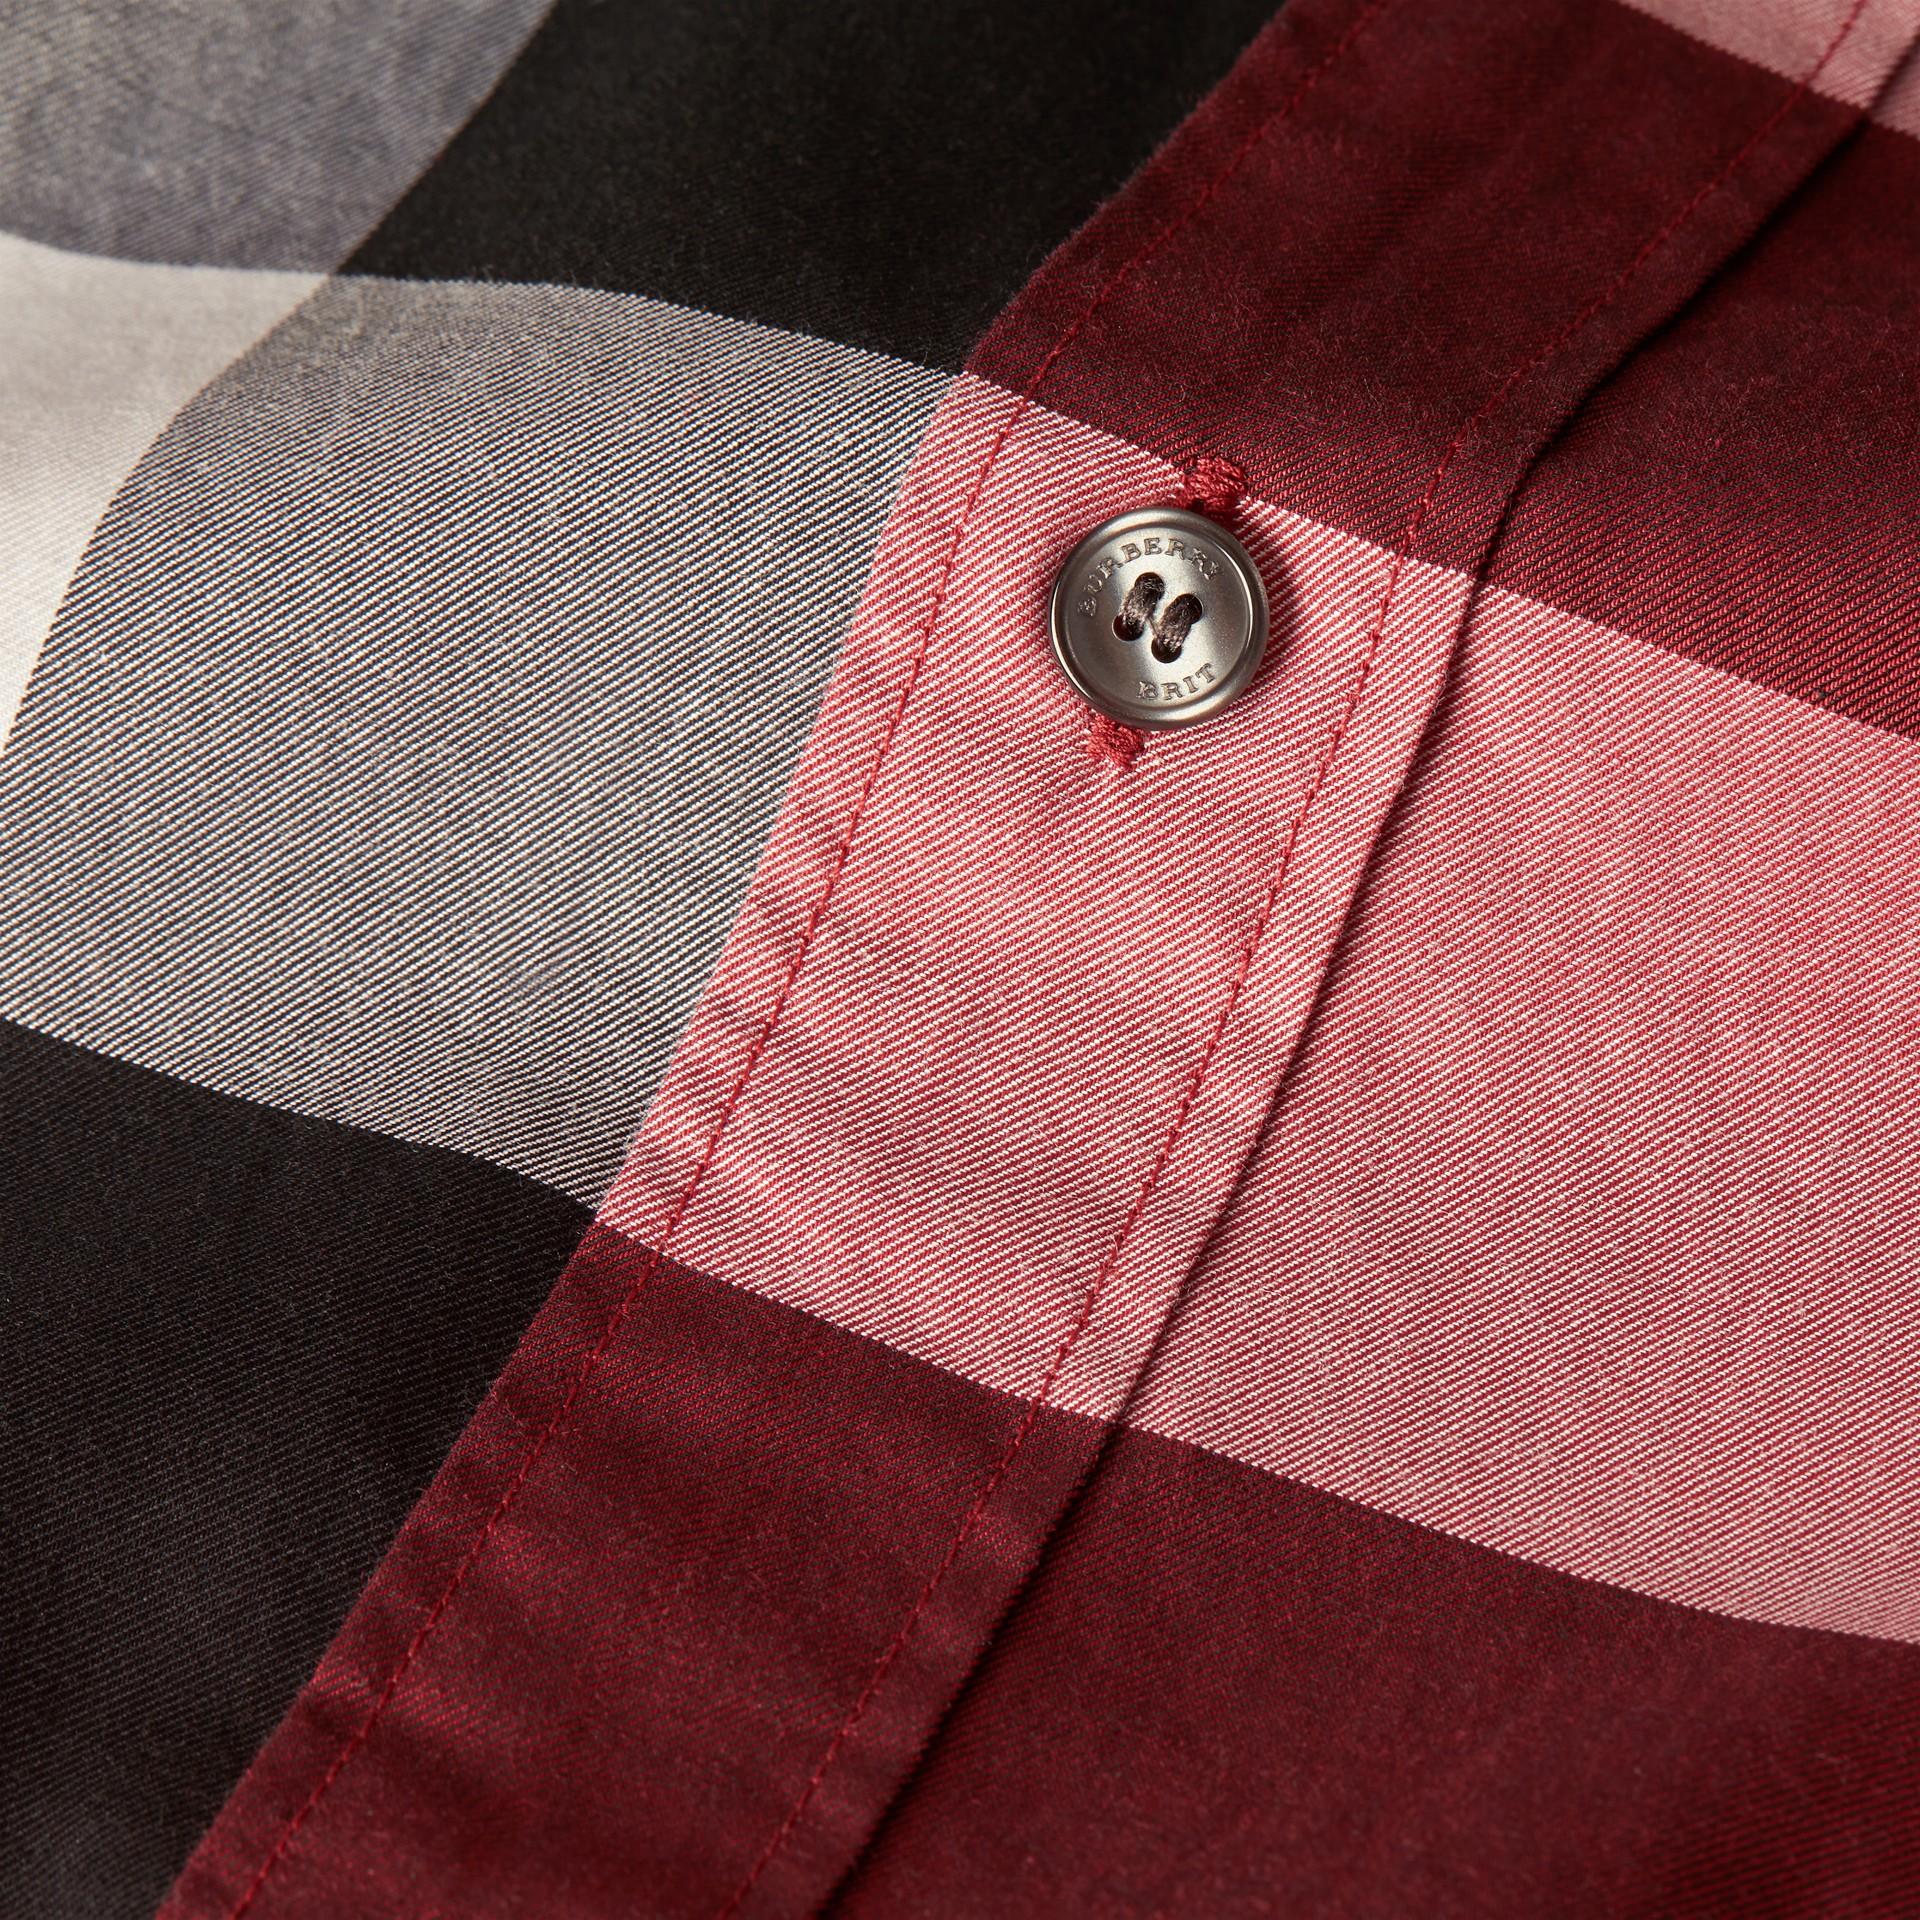 Rojo baya Camisa de manga corta en algodón con estampado de checks Rojo Baya - imagen de la galería 2